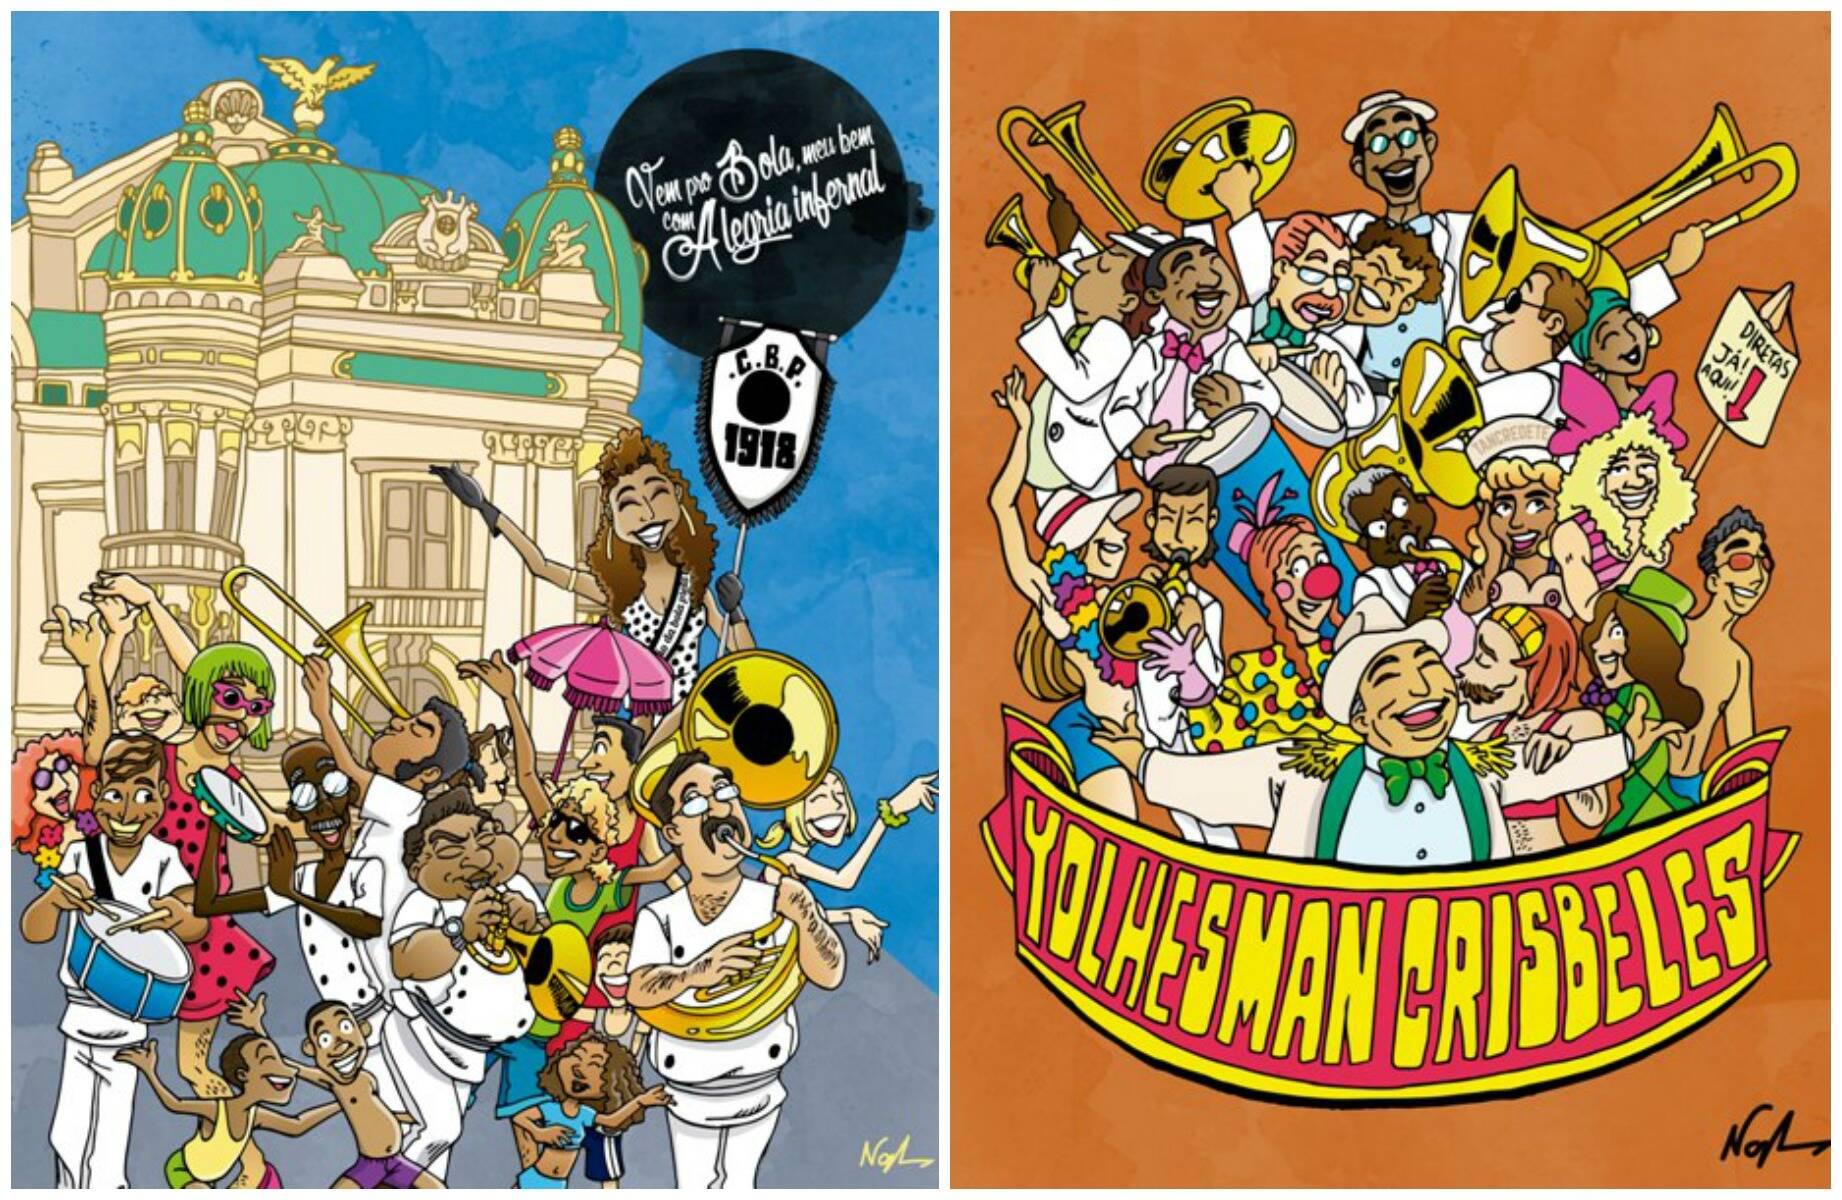 Desfiles da Beija-Flor e da Portela, do Cordão da Bola Preta e da Banda da Carmen Miranda: momentos do carnaval carioca da década de 80 / Fotos: divulgação